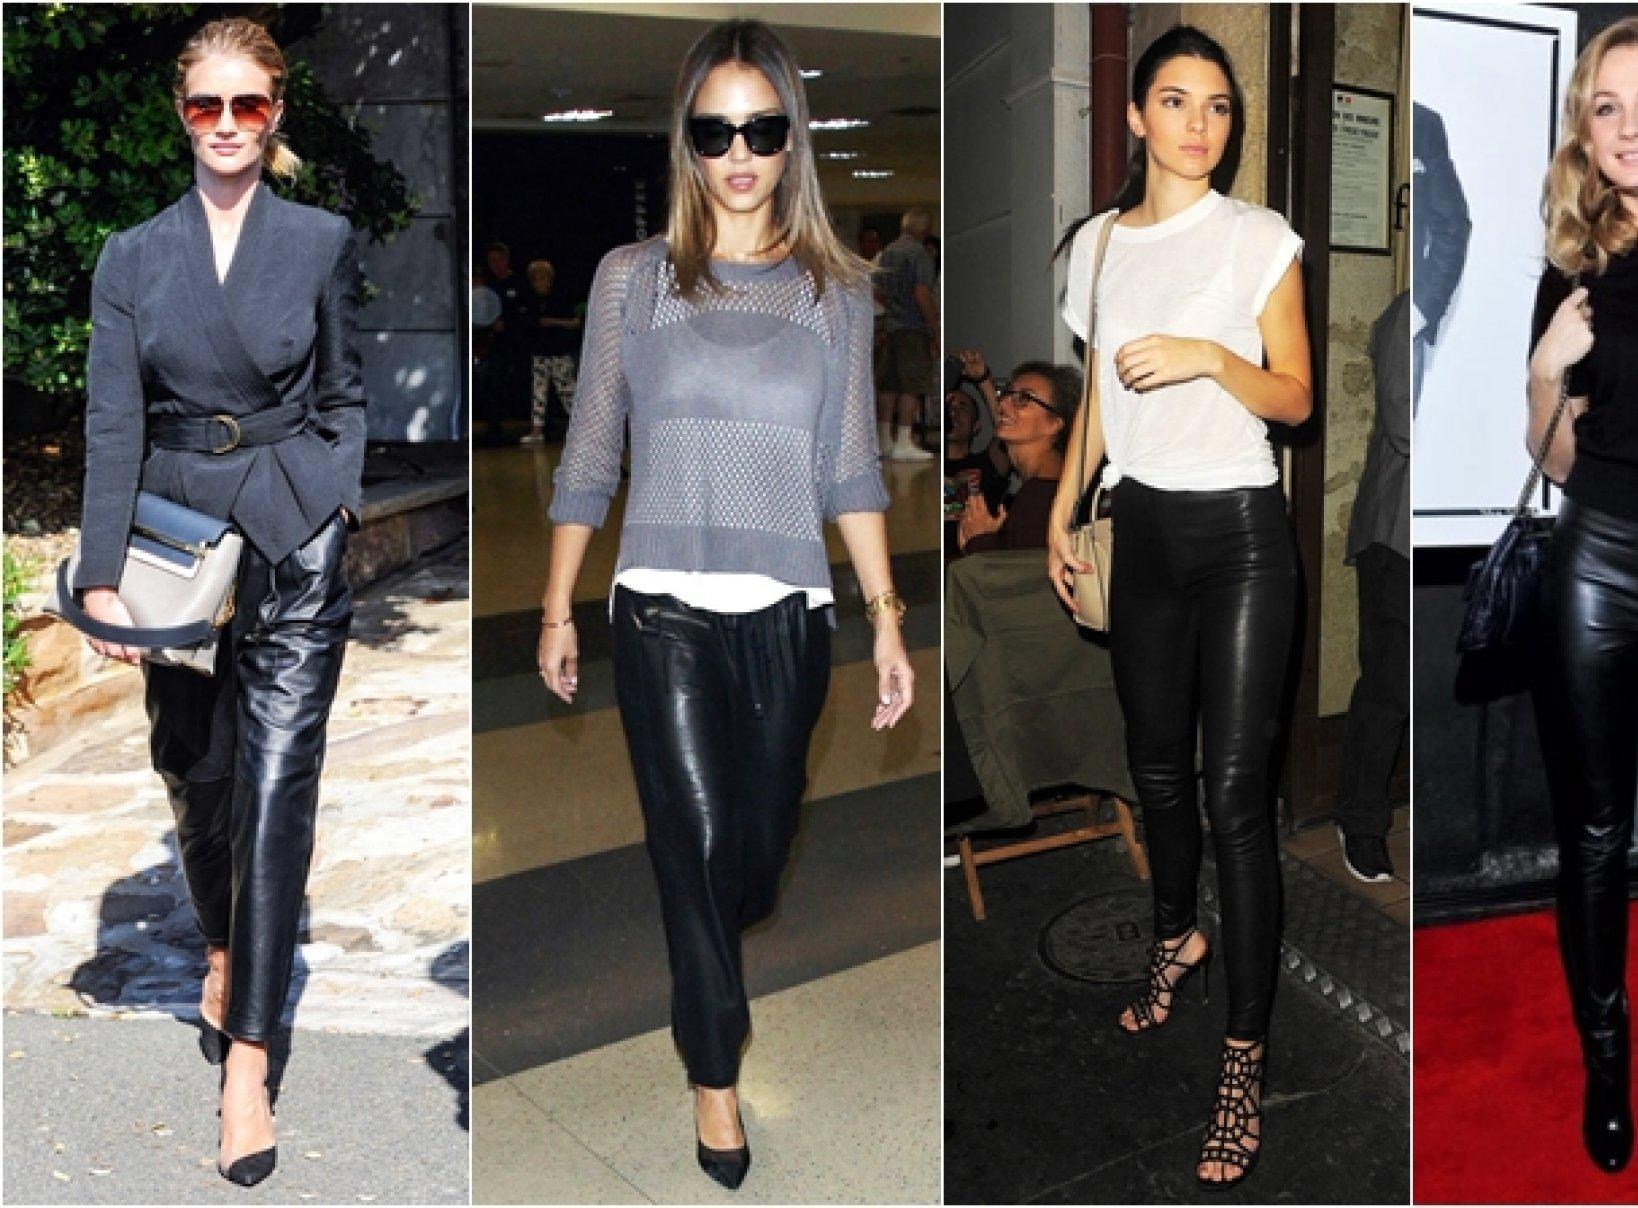 78c071e0ff351f Skórzane spodnie w stylizacjach gwiazd | Face&Look - Wybieraj mądrze ...